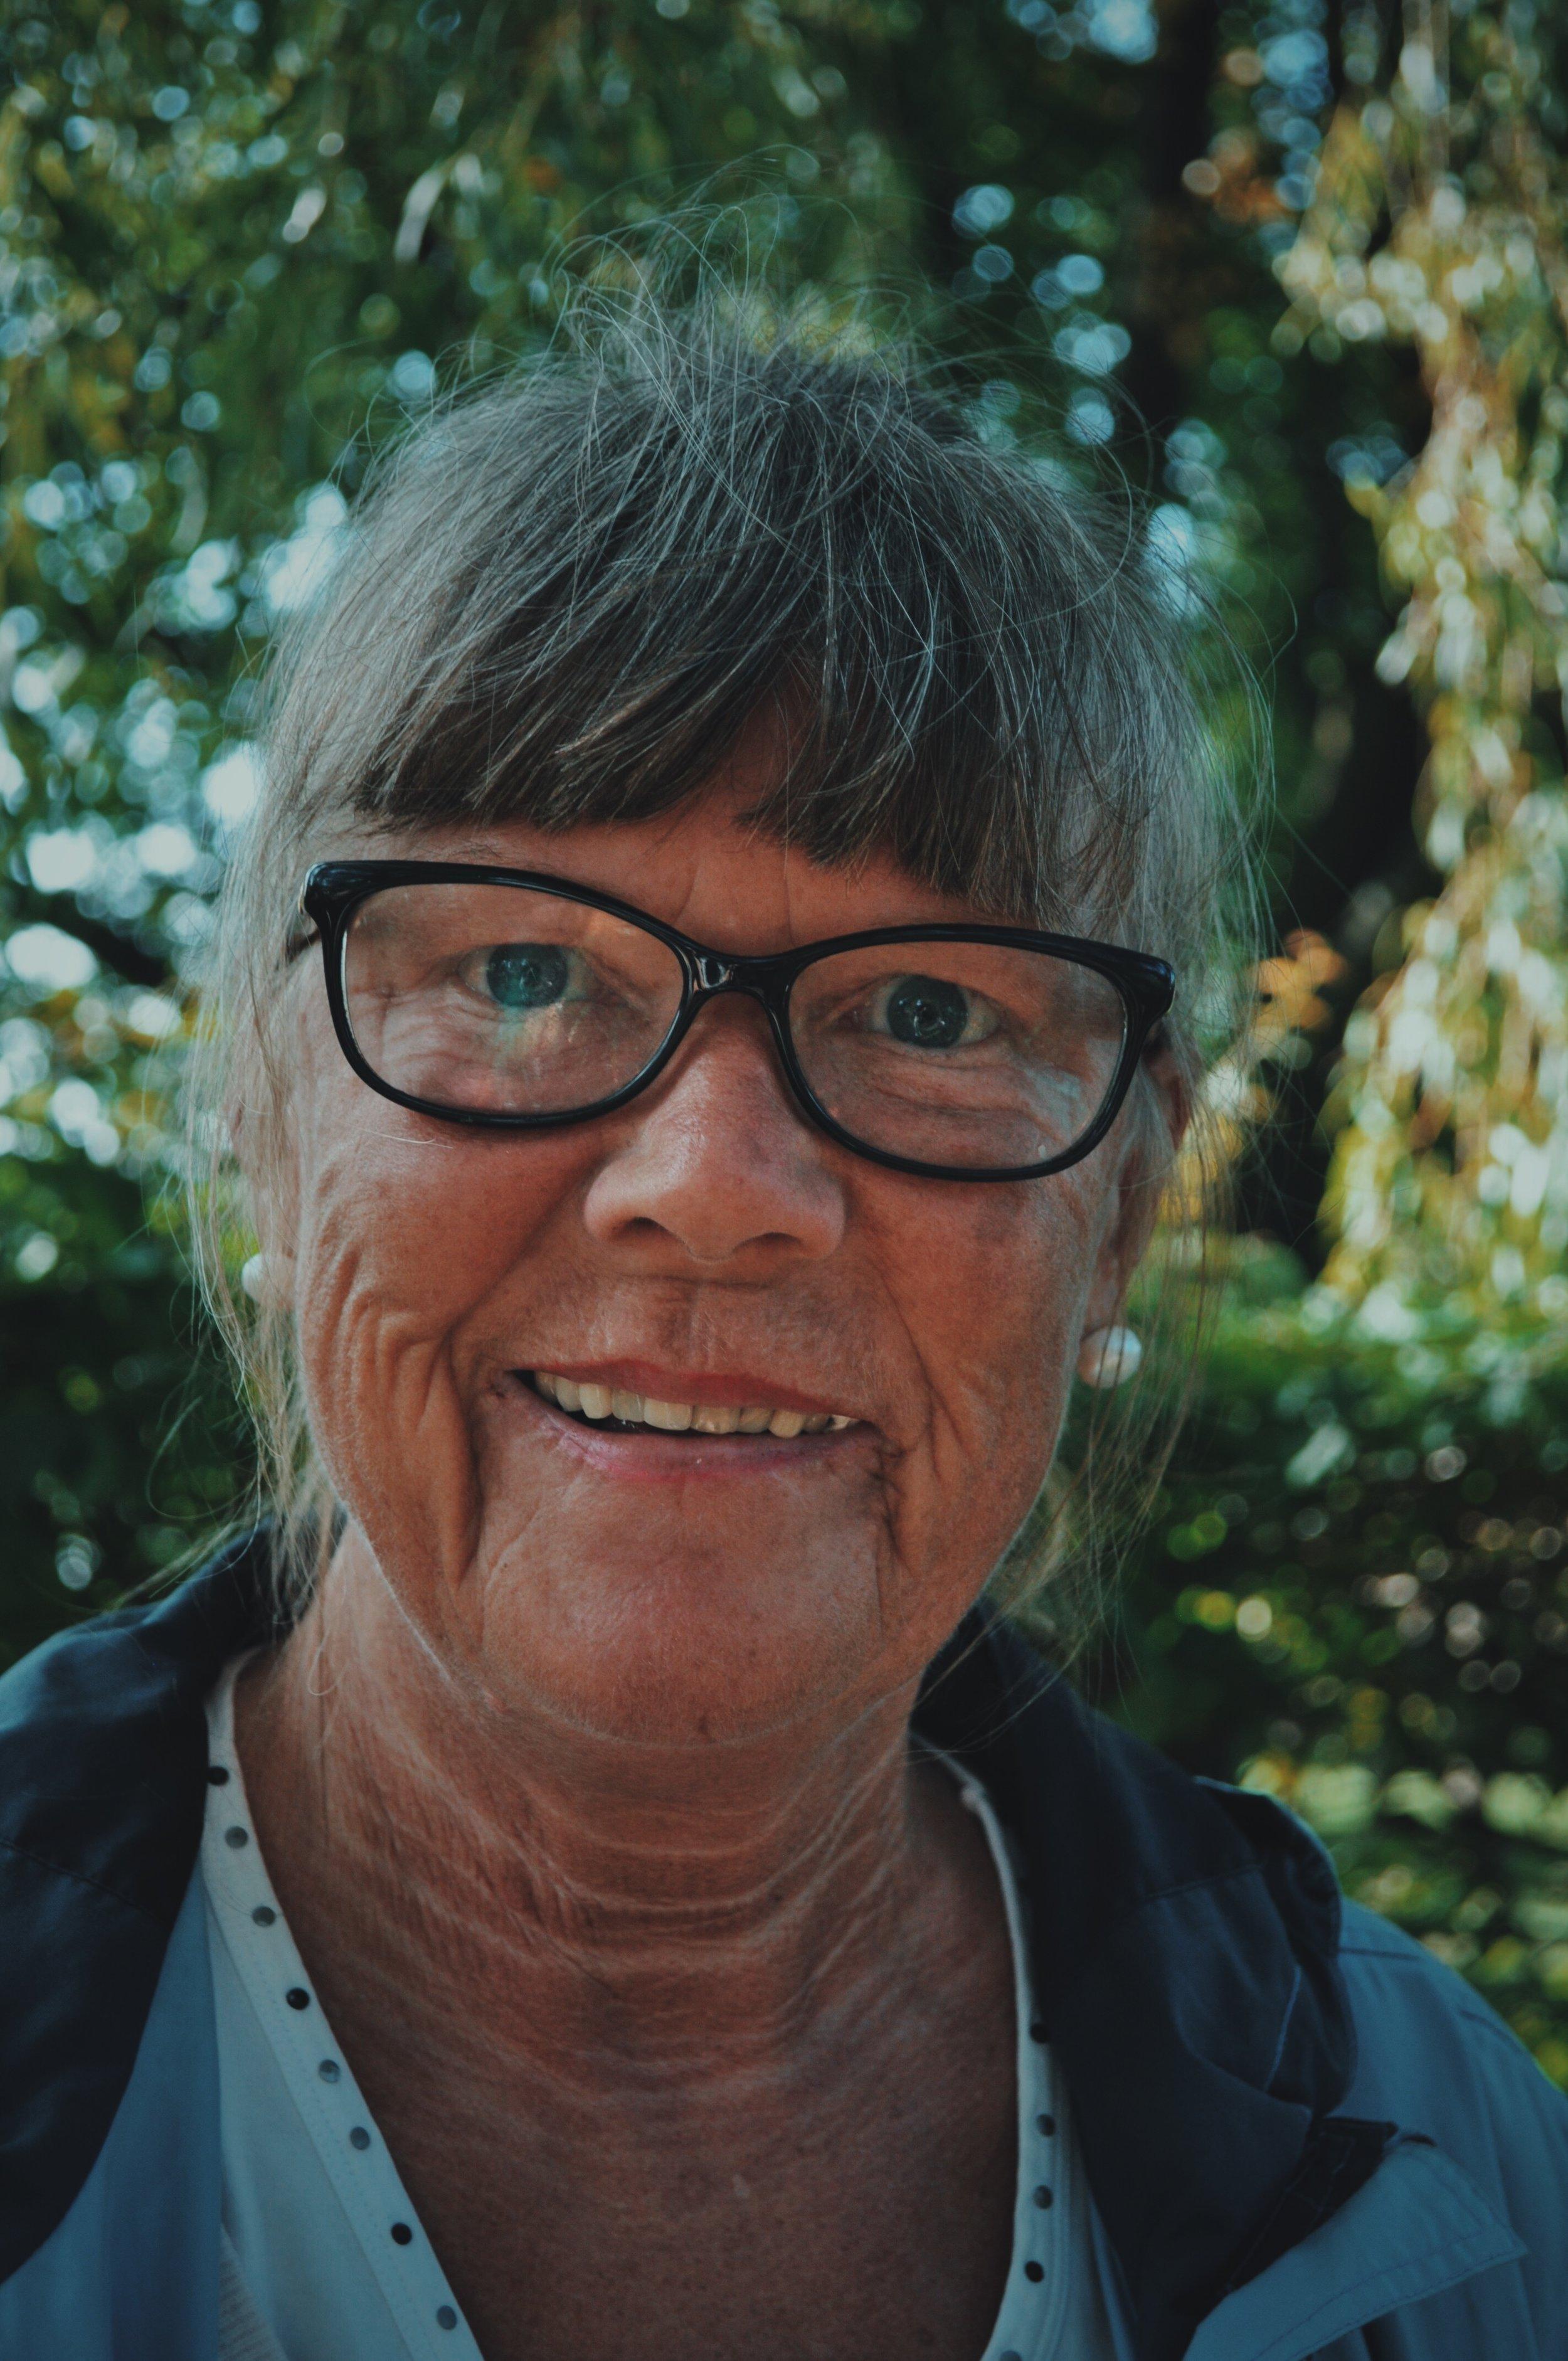 Ingrid, Vikarie - Ingrid är vår härliga vikarie som arbetar hos oss vid behov.